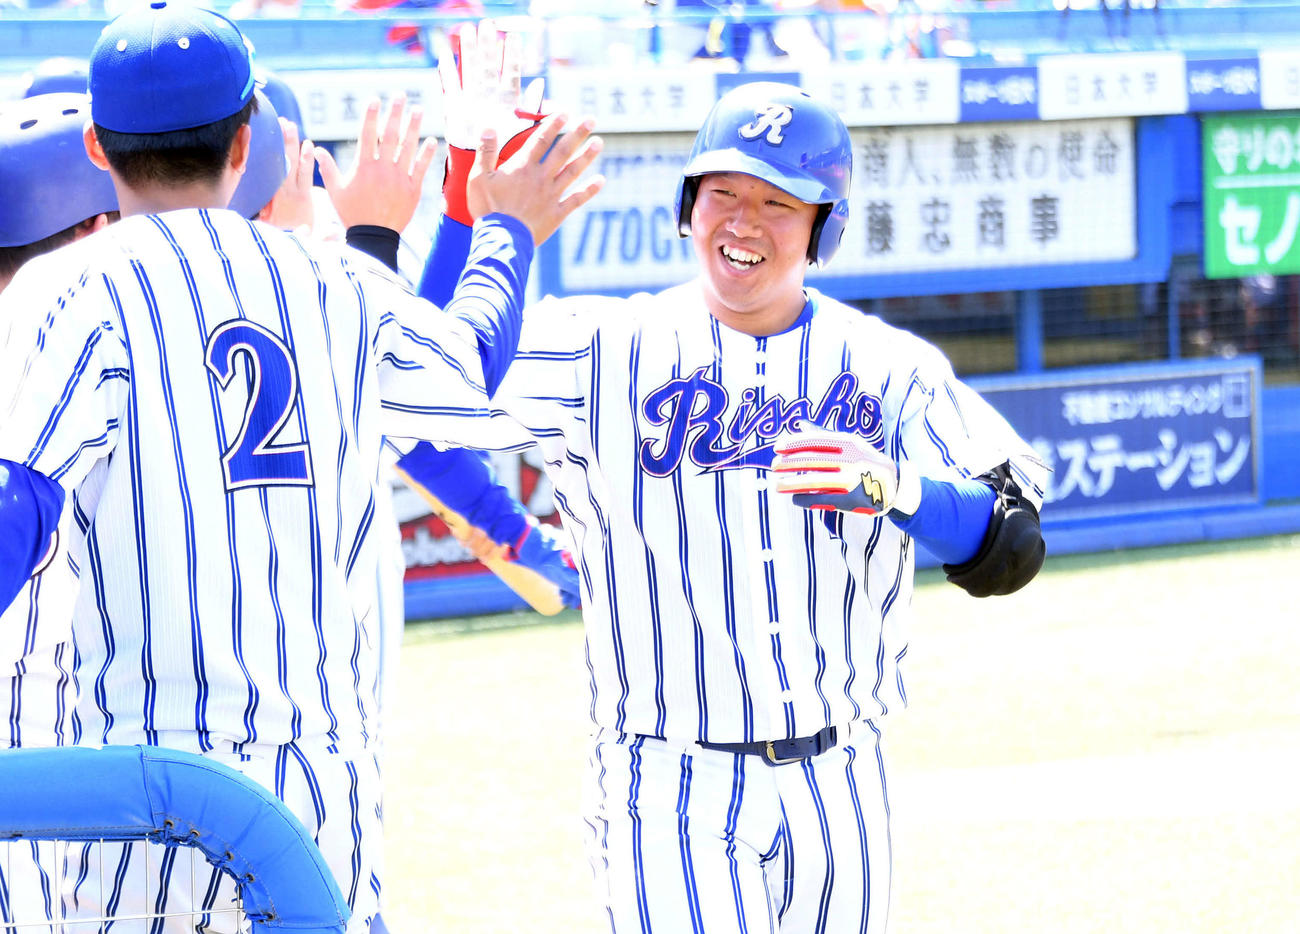 駒大対立正大 5回裏立正大無死満塁、左中間へ満塁本塁打を放った桂川(右)は生還しナインとタッチを交わす(撮影・滝沢徹郎)